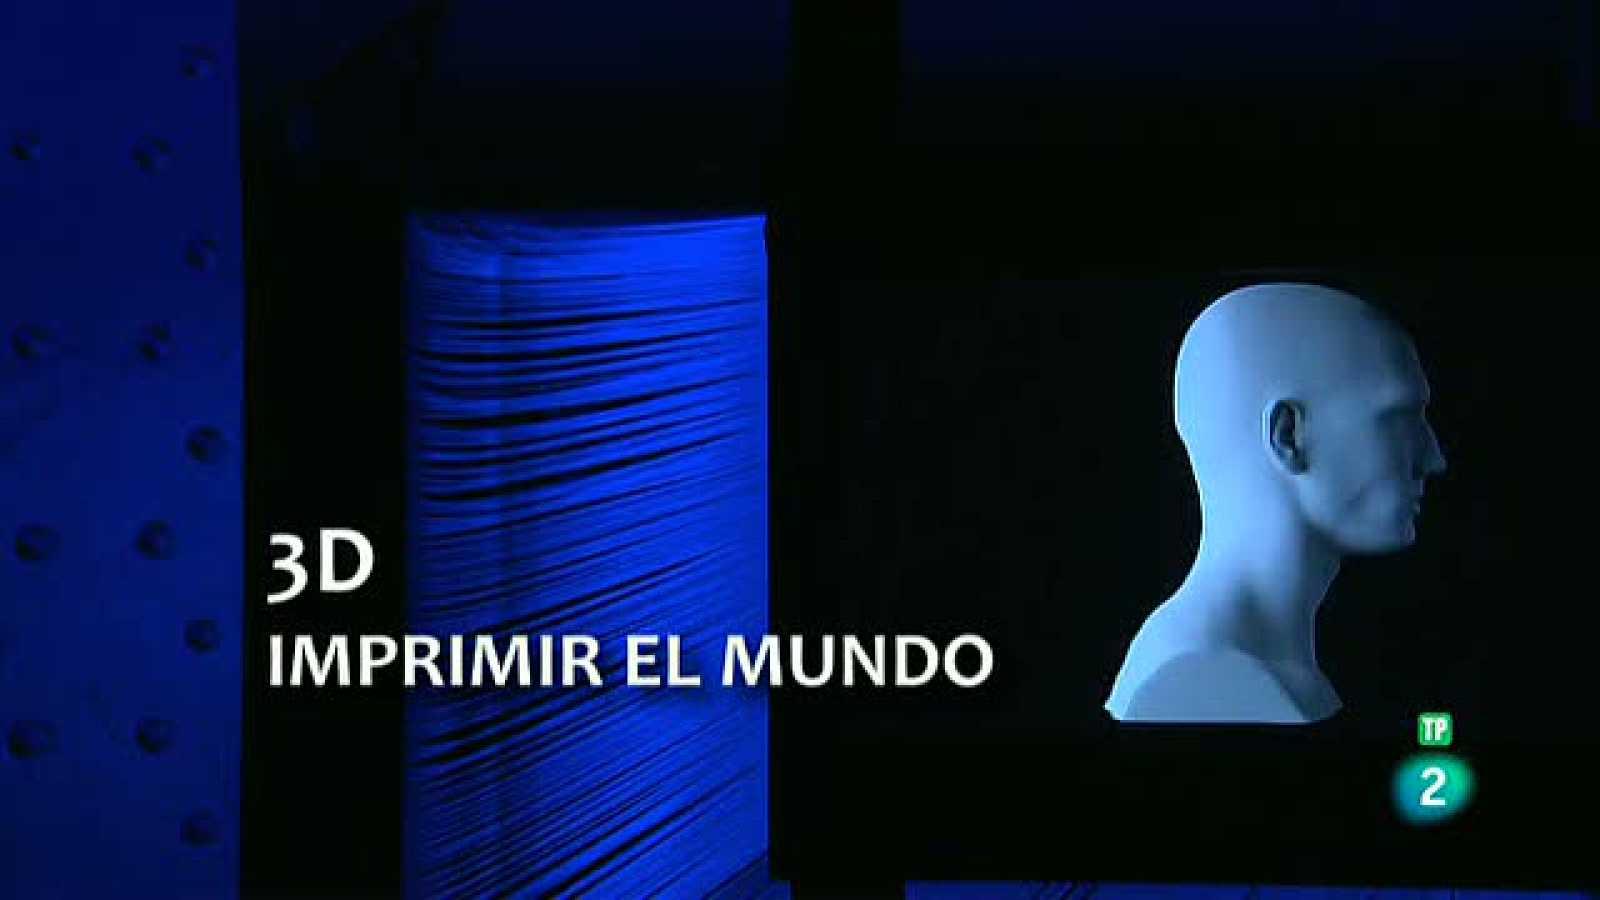 La Aventura del Saber. TVE. 3D Imprimir el mundo